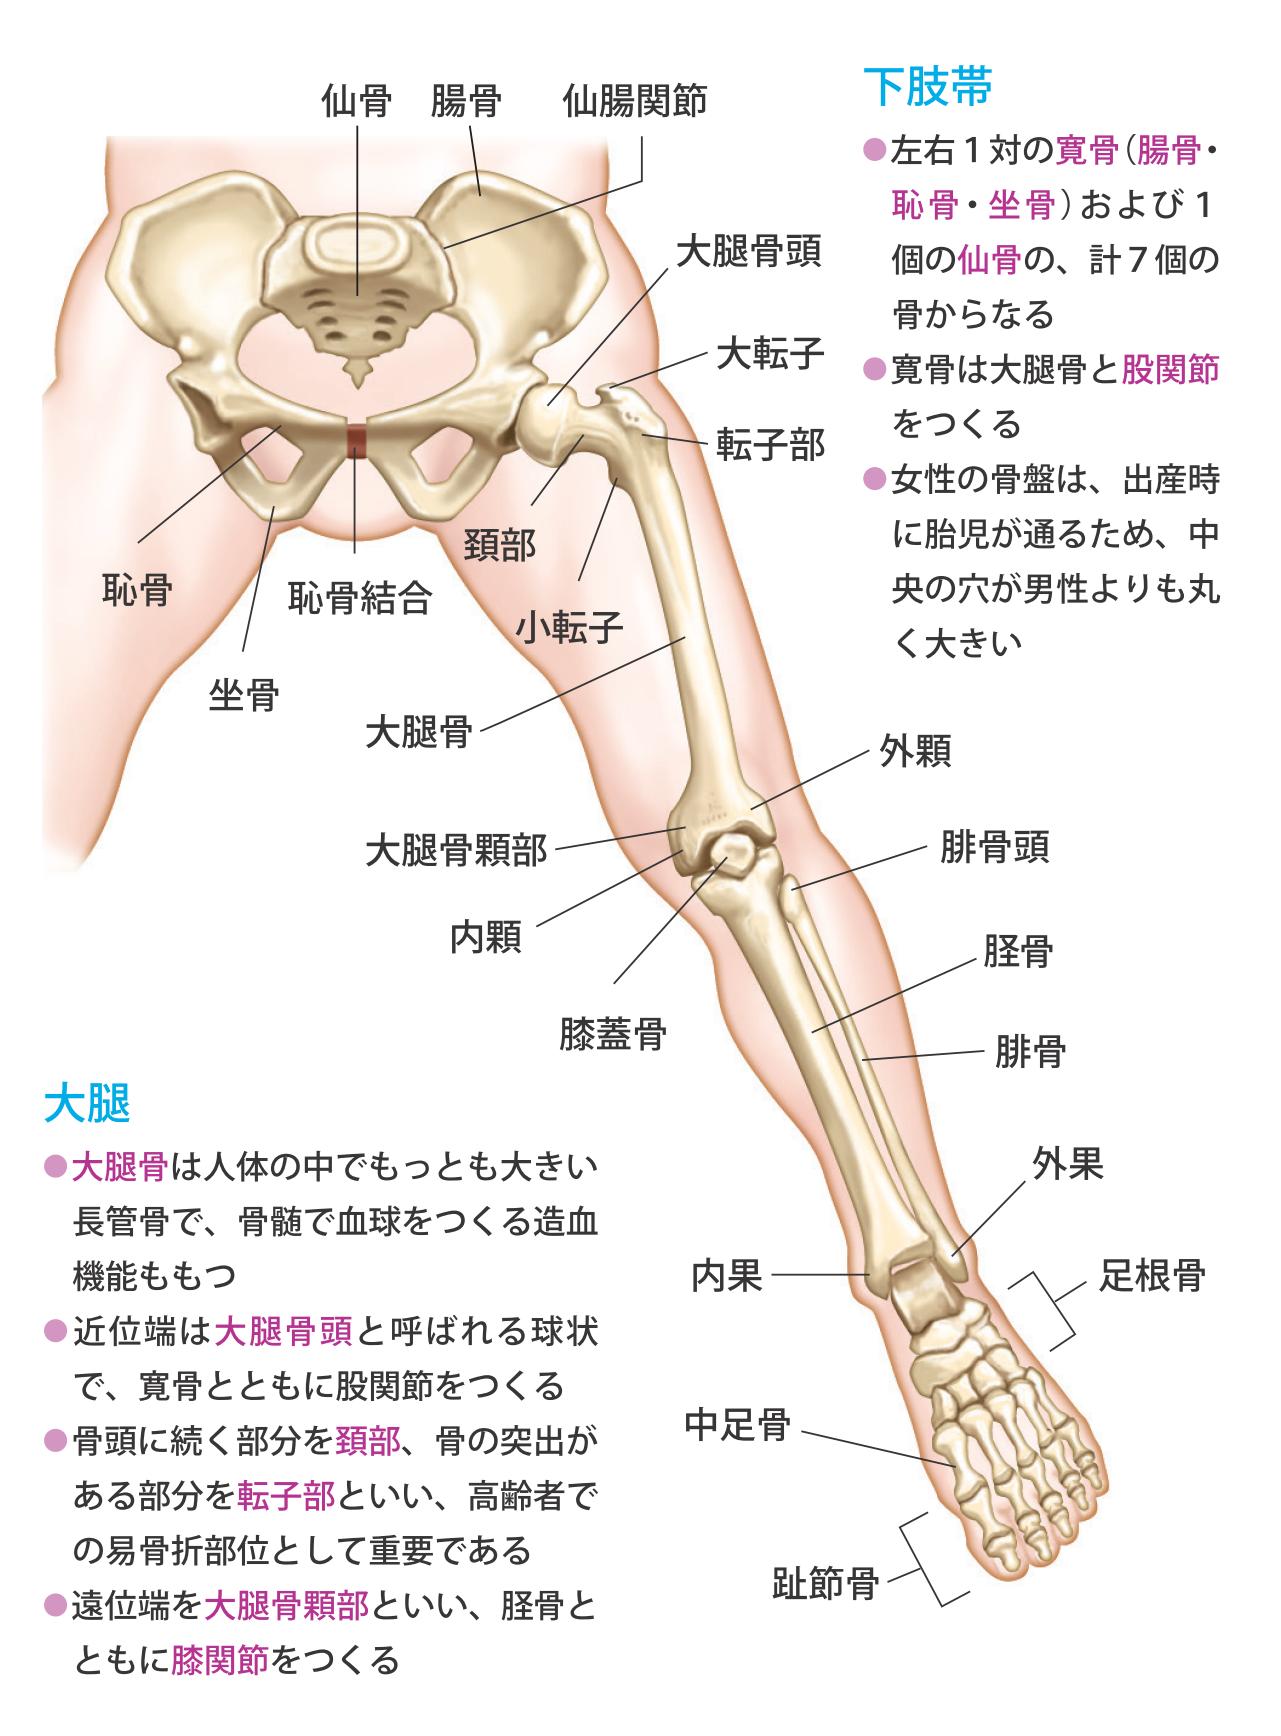 第1章 骨 神経 骨格筋の解剖と働き ナースフル疾患別シリーズの看護師基礎知識 ナースフル 骨格筋 筋肉解剖学